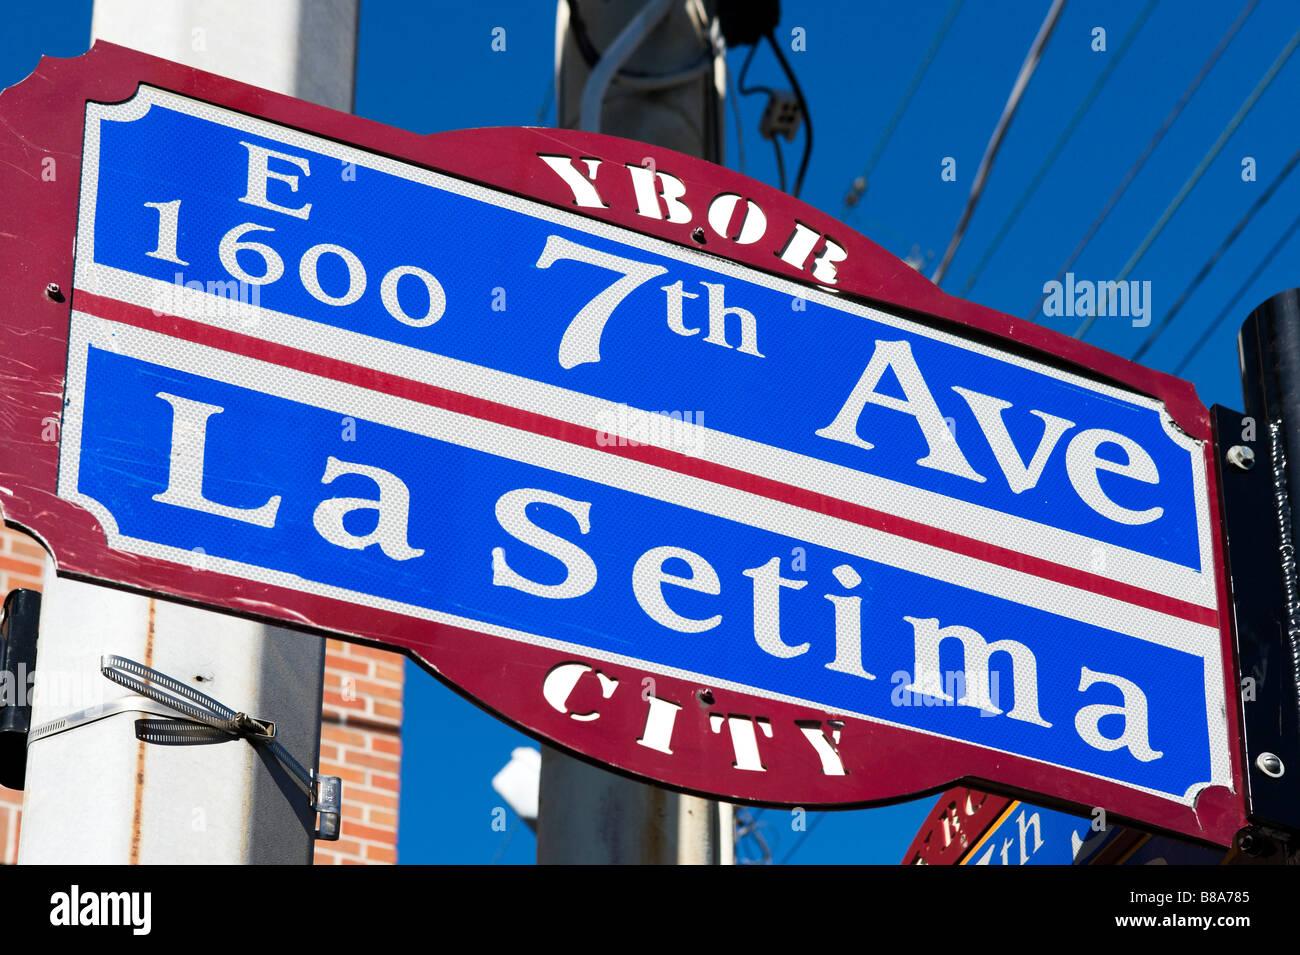 Straßenschild für 7th Avenue im historischen Stadtteil Ybor City, Tampa, Florida, USA Stockfoto